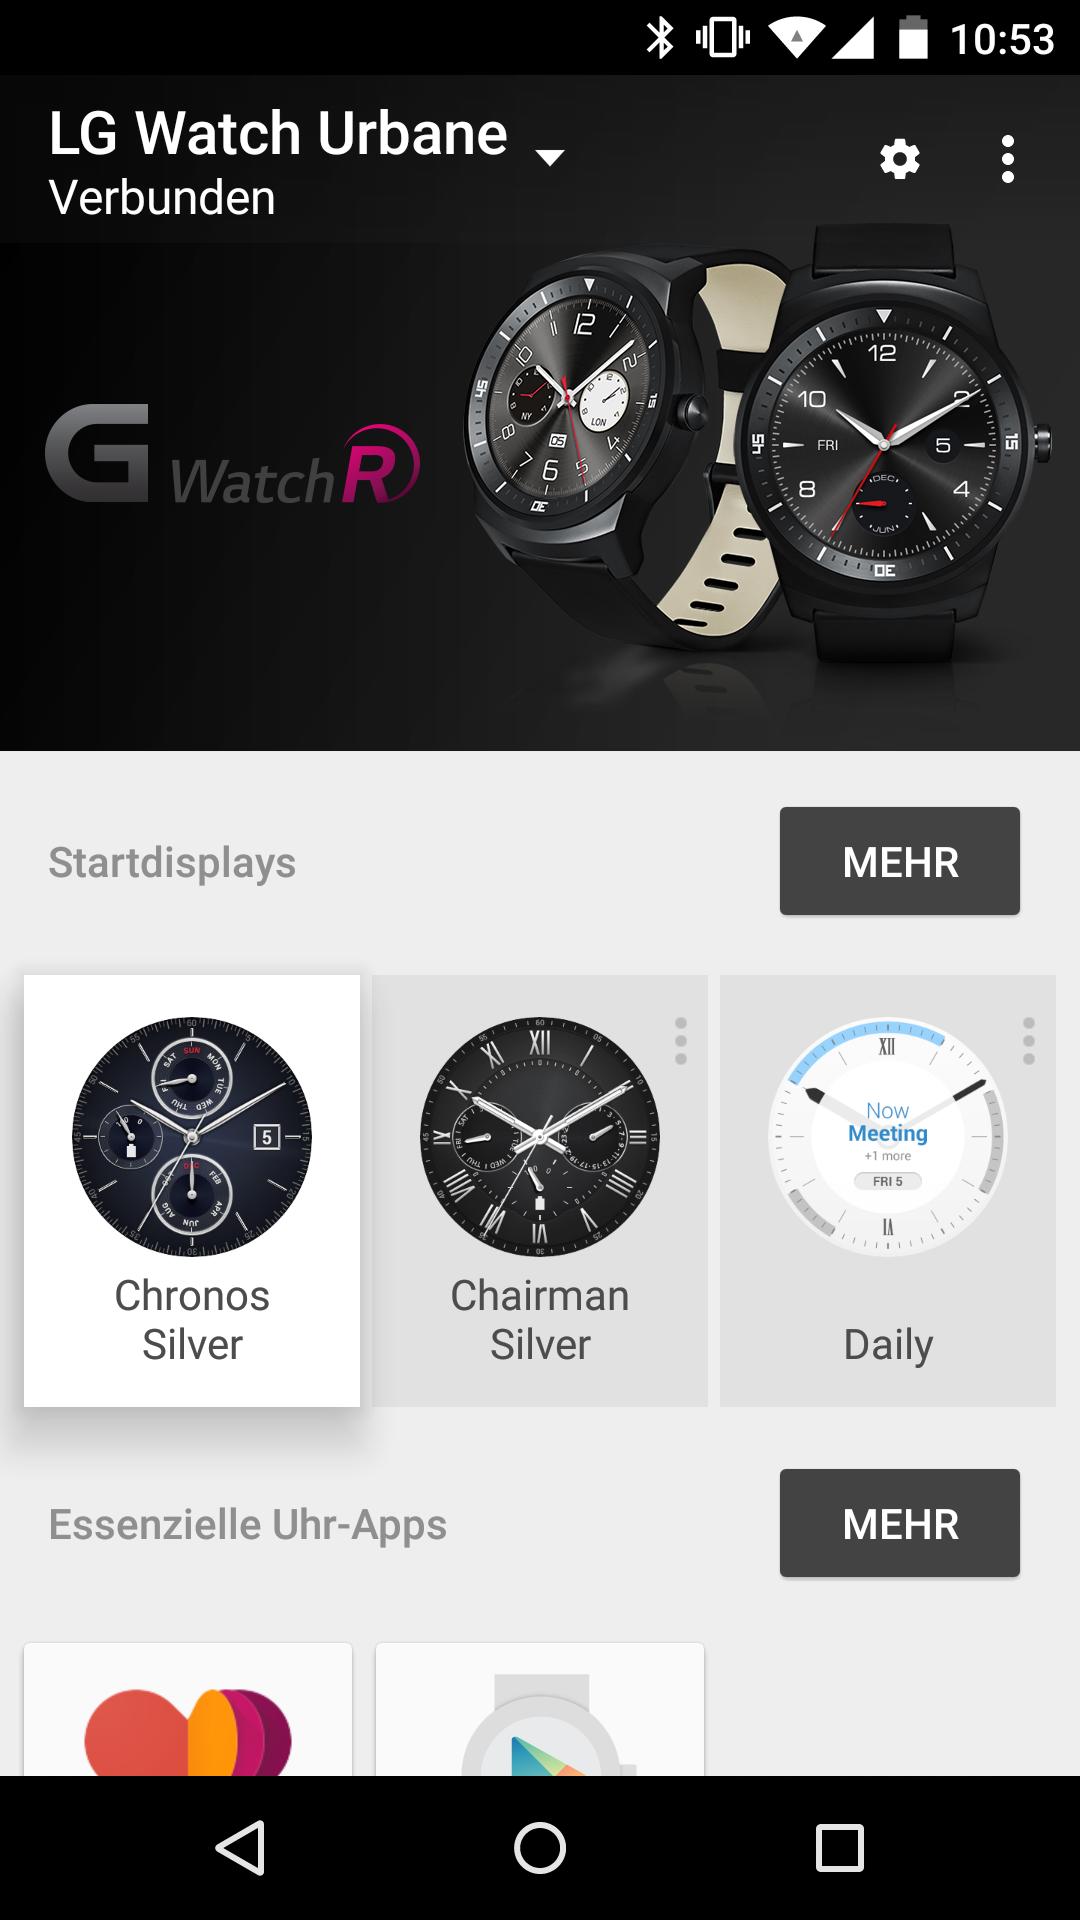 G Watch R wird als Urbane erkannt